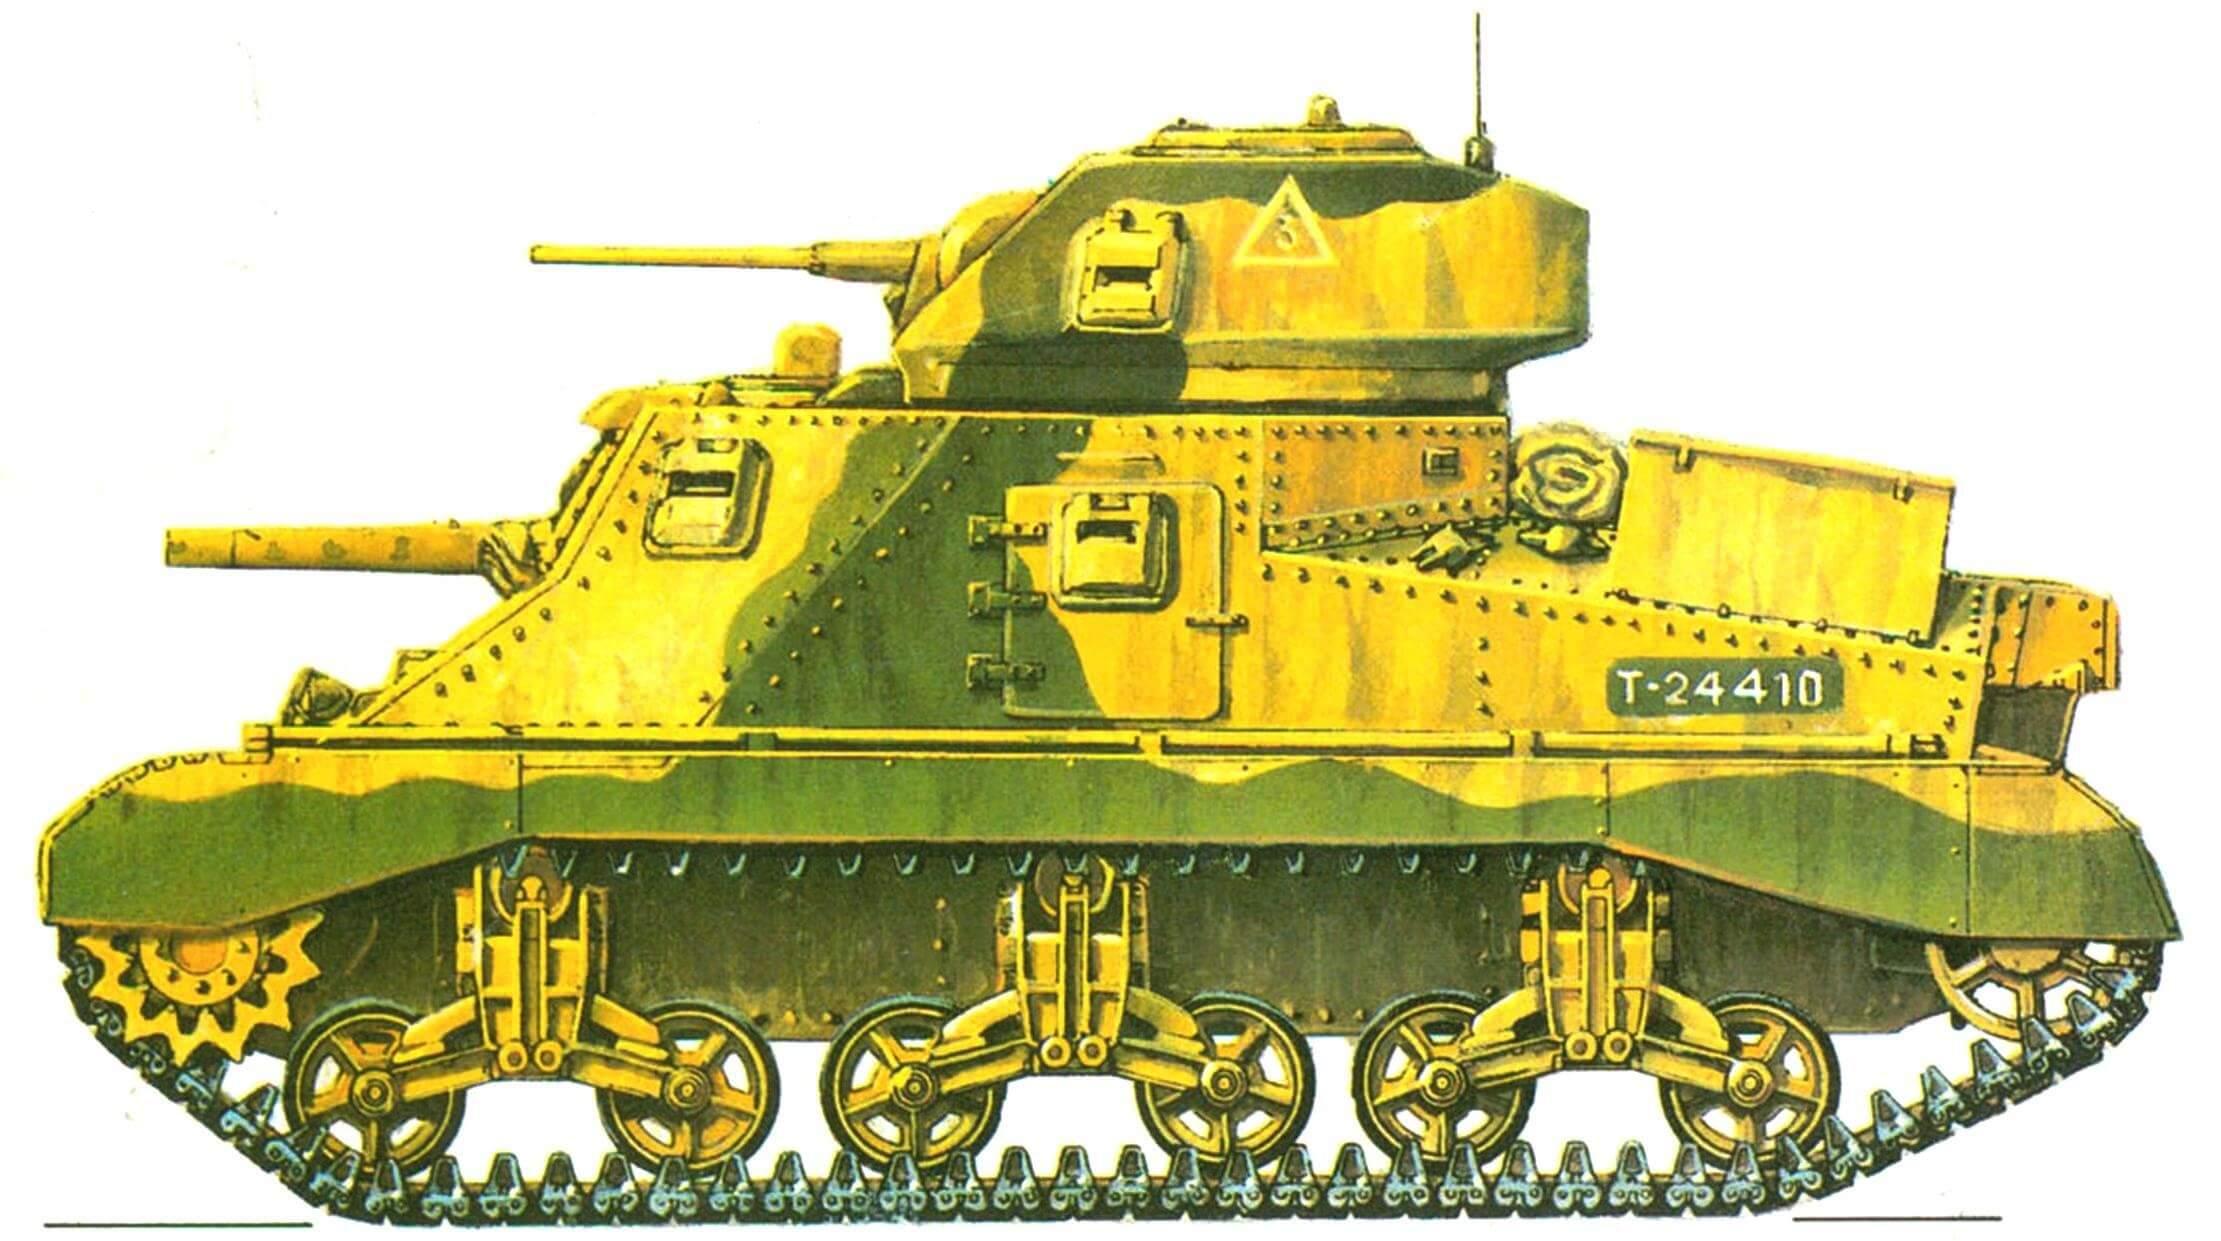 Grant I. 1-я танковая дивизия (1st Armoured Division) 8-й английской армии, Северная Африка, 1941 год.